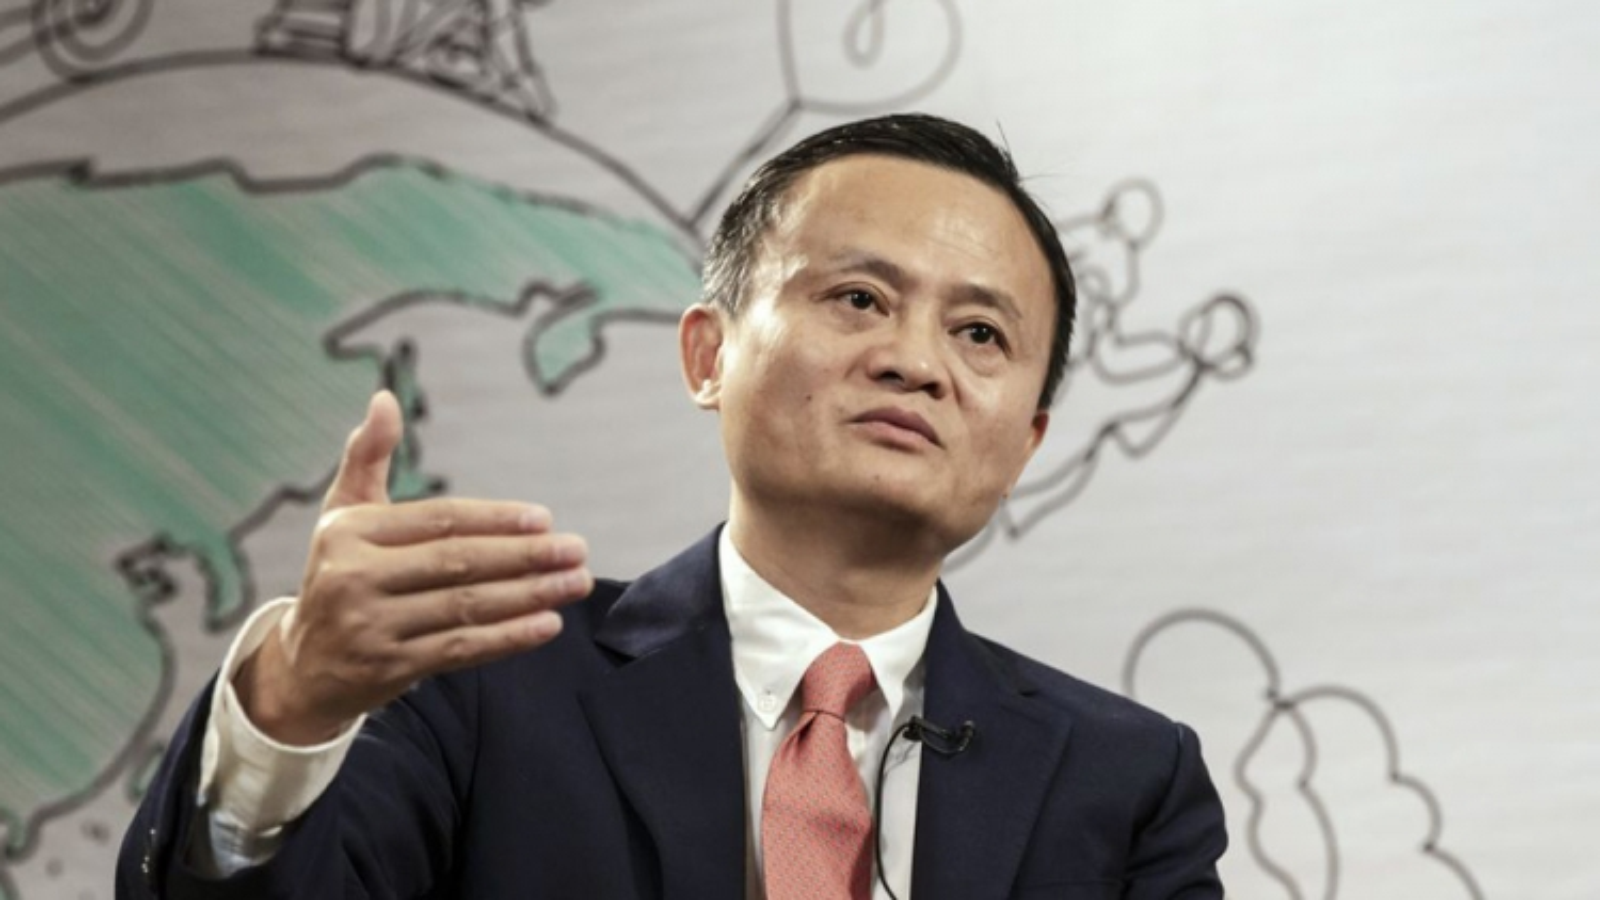 Tỷ phú Jack Ma thiệt hại lớn vì đợt IPO của Ant Group bị hoãn